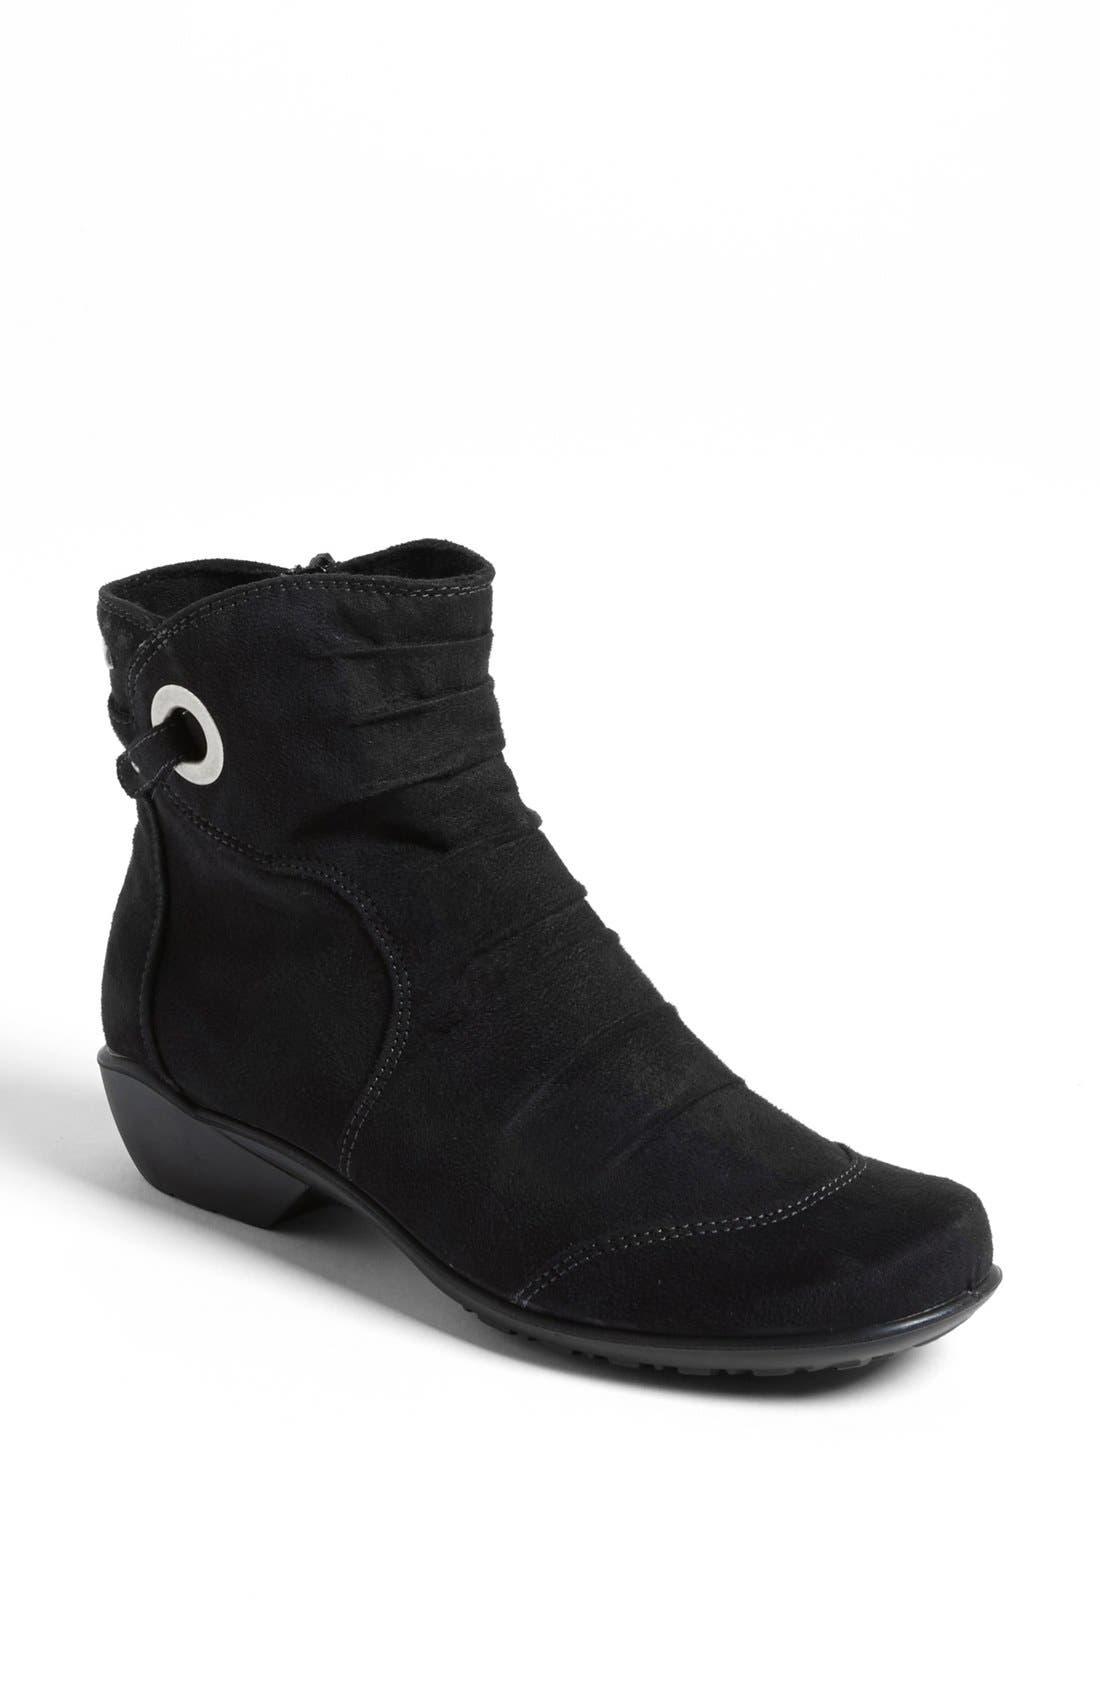 'Citytex 121' Boot,                             Main thumbnail 1, color,                             Black